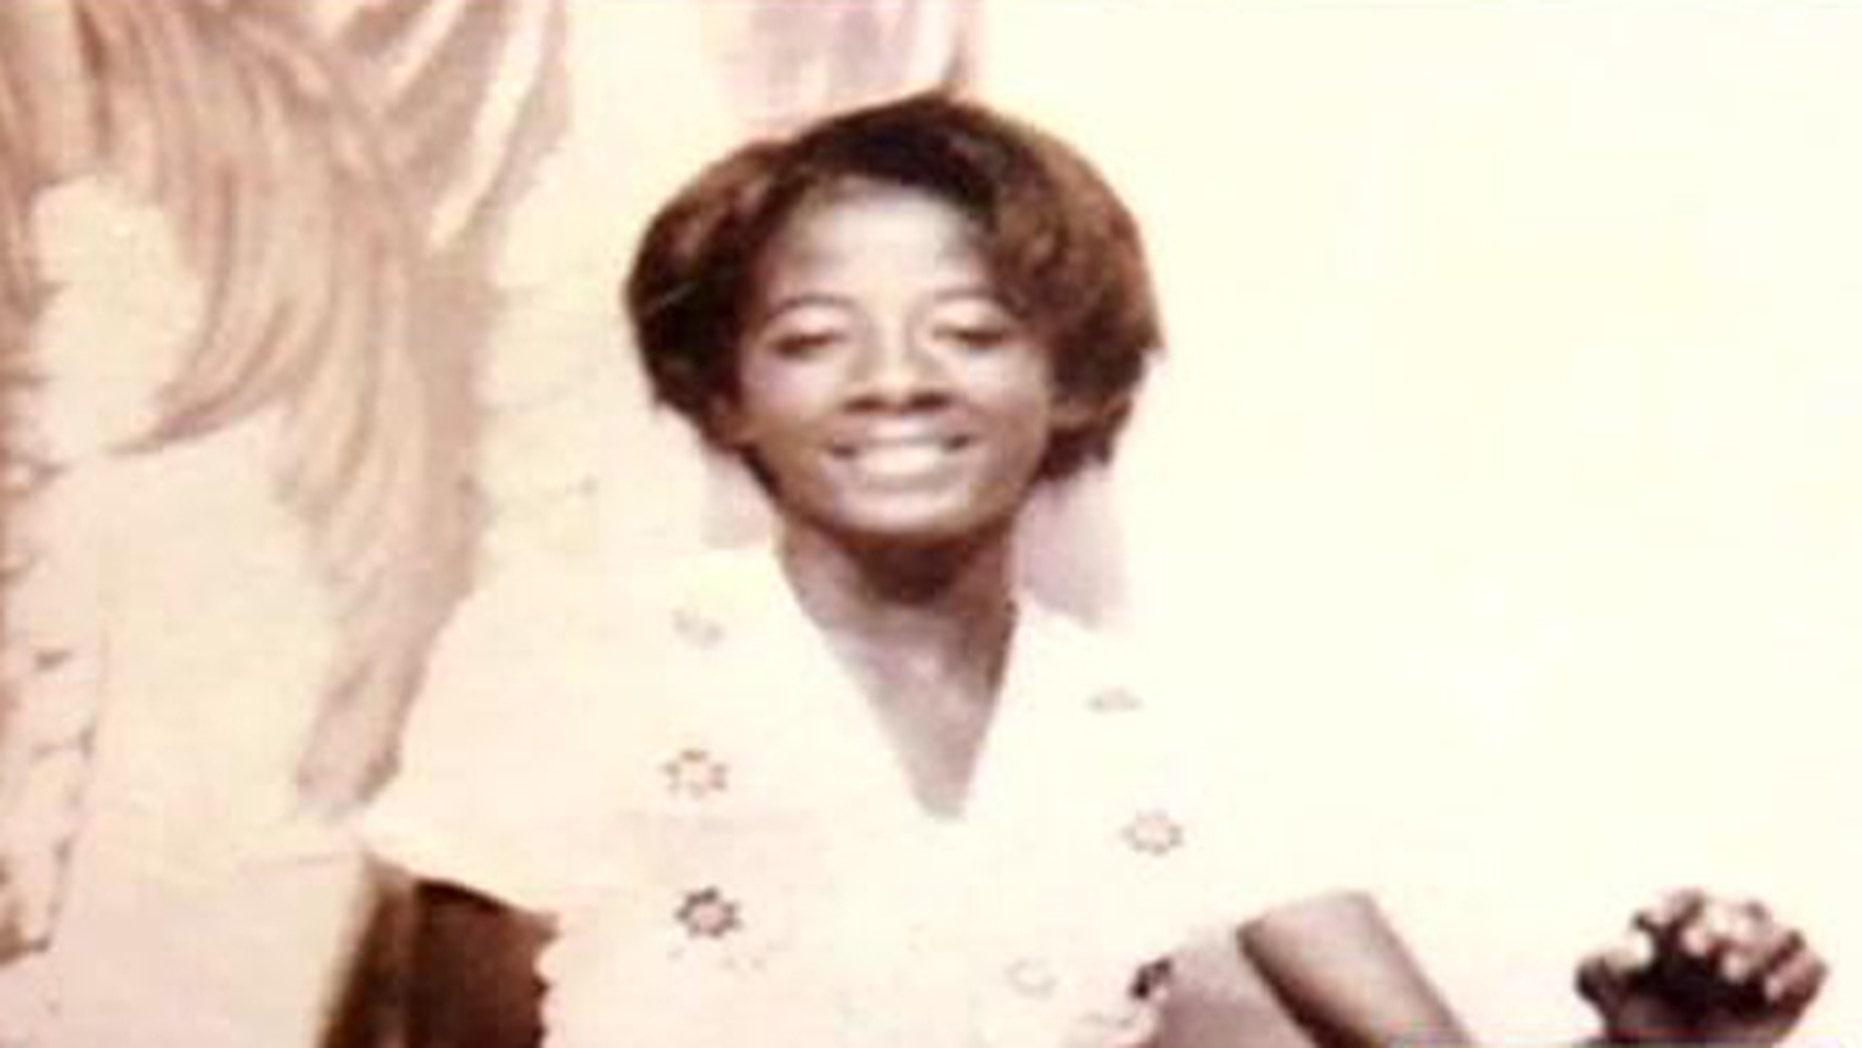 Nancy Grace Daniel was last seen on Sept. 6, 1976.